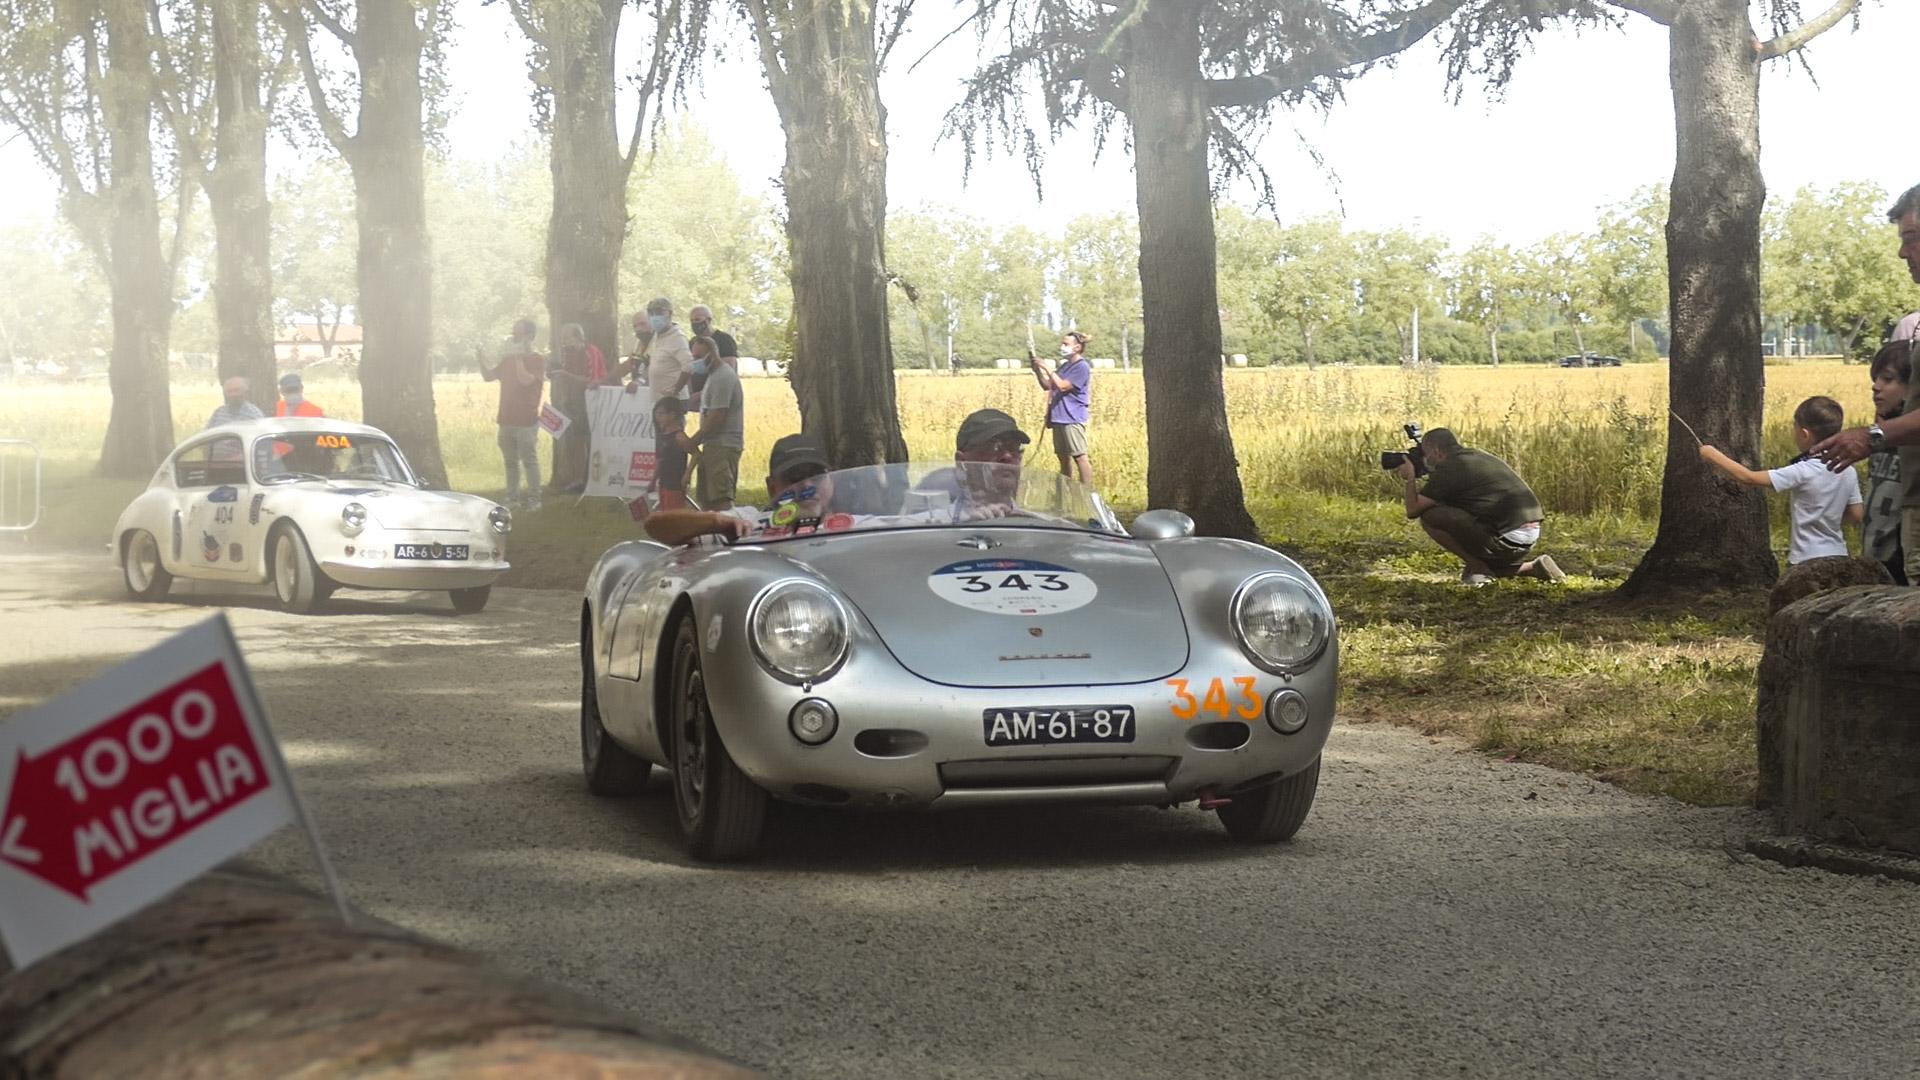 Porsche 550 Spyder - AM-61-87 (NL)